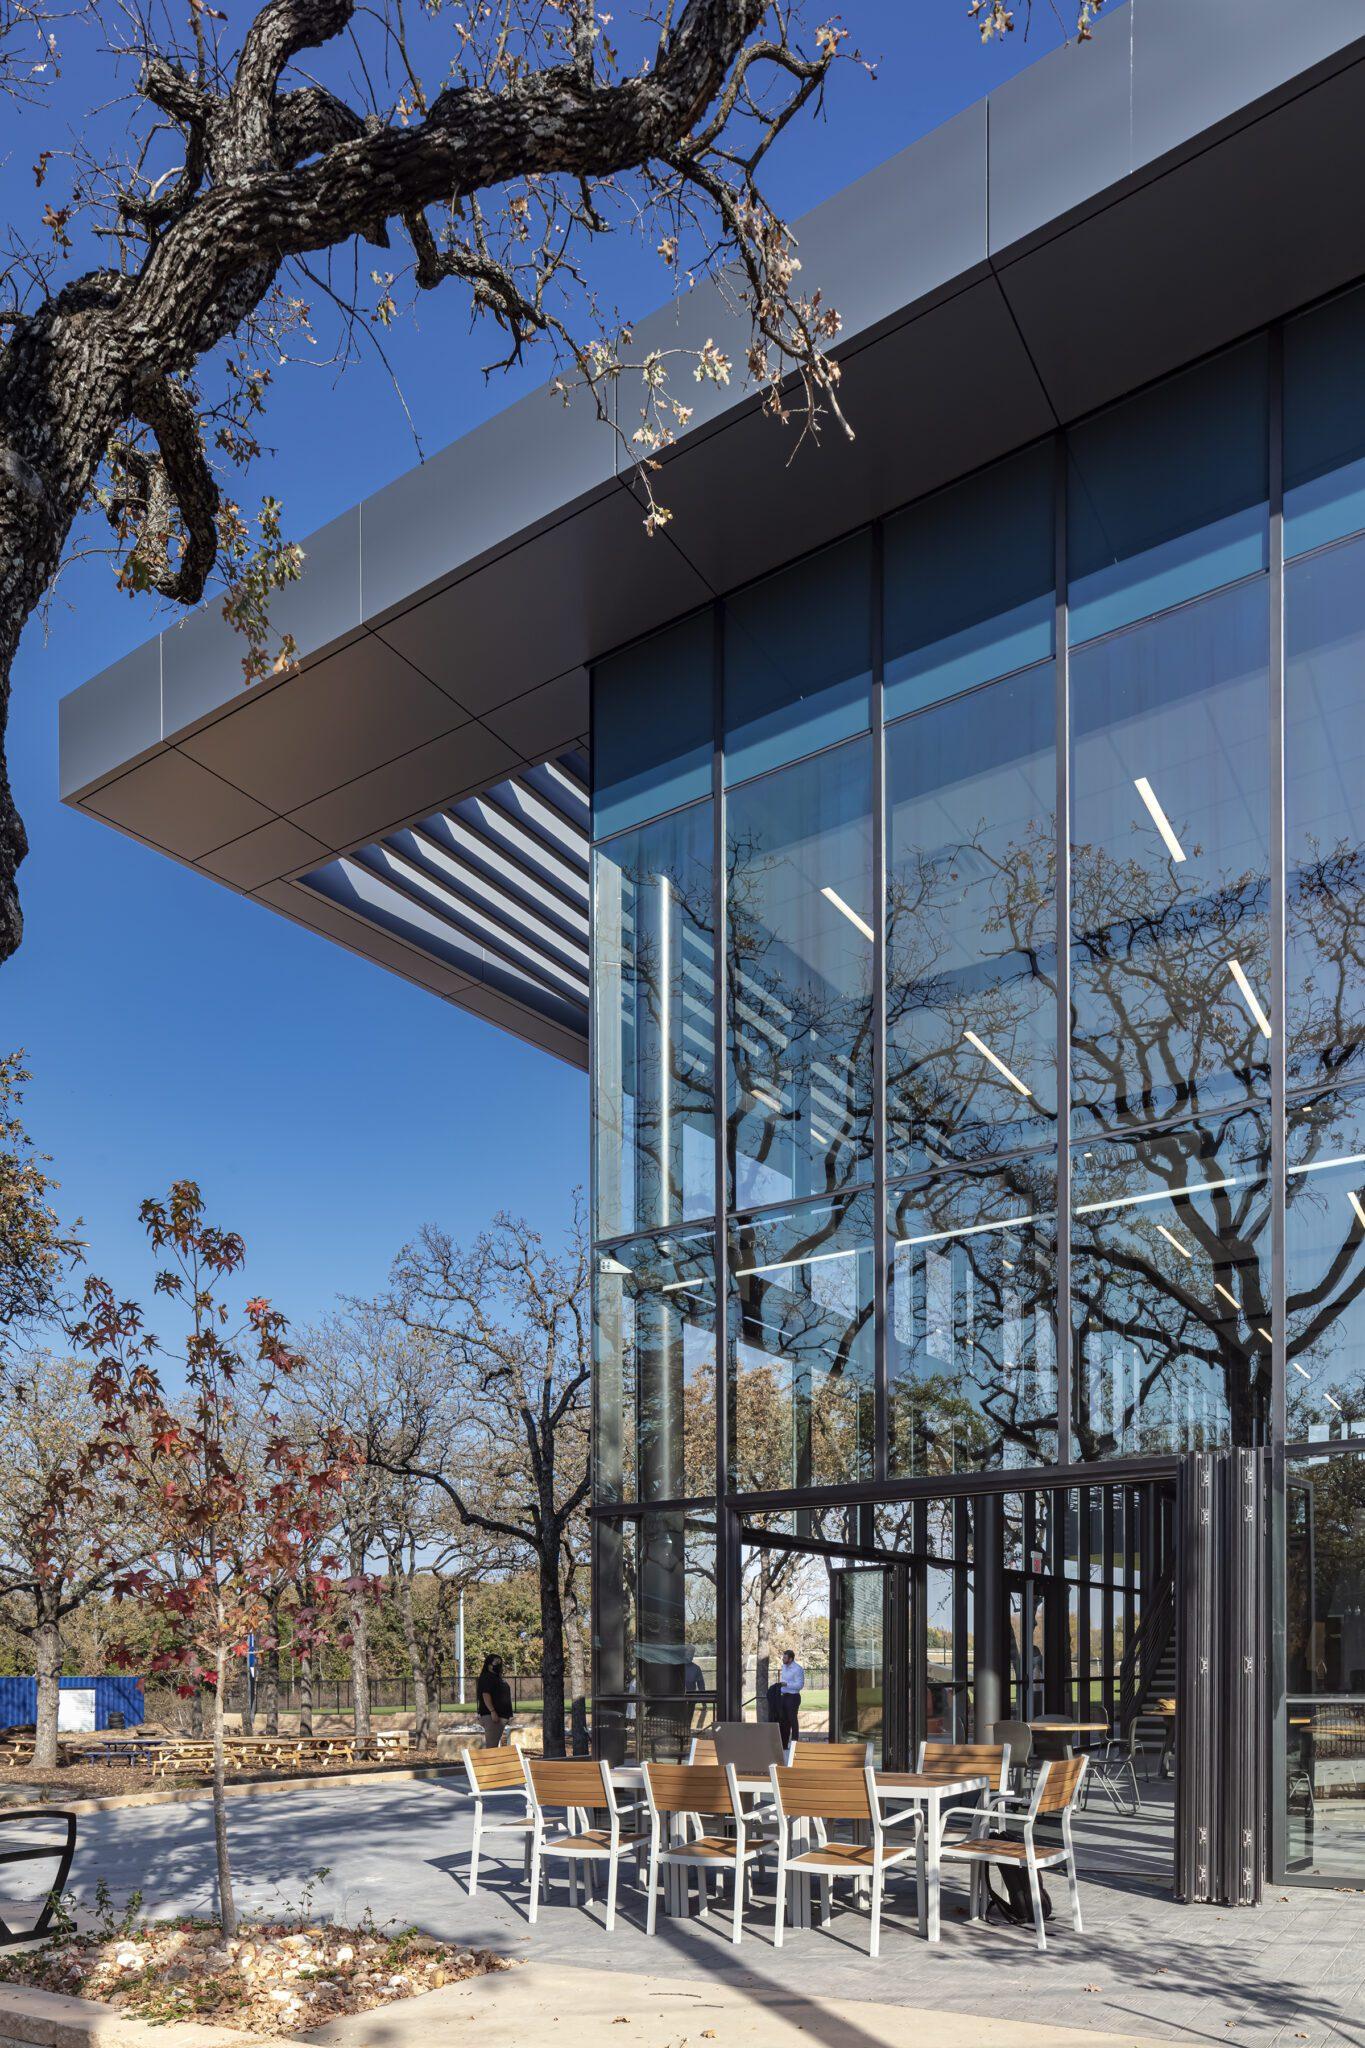 Cristo Rey Dallas Innovation Center, Exterior Courtyard